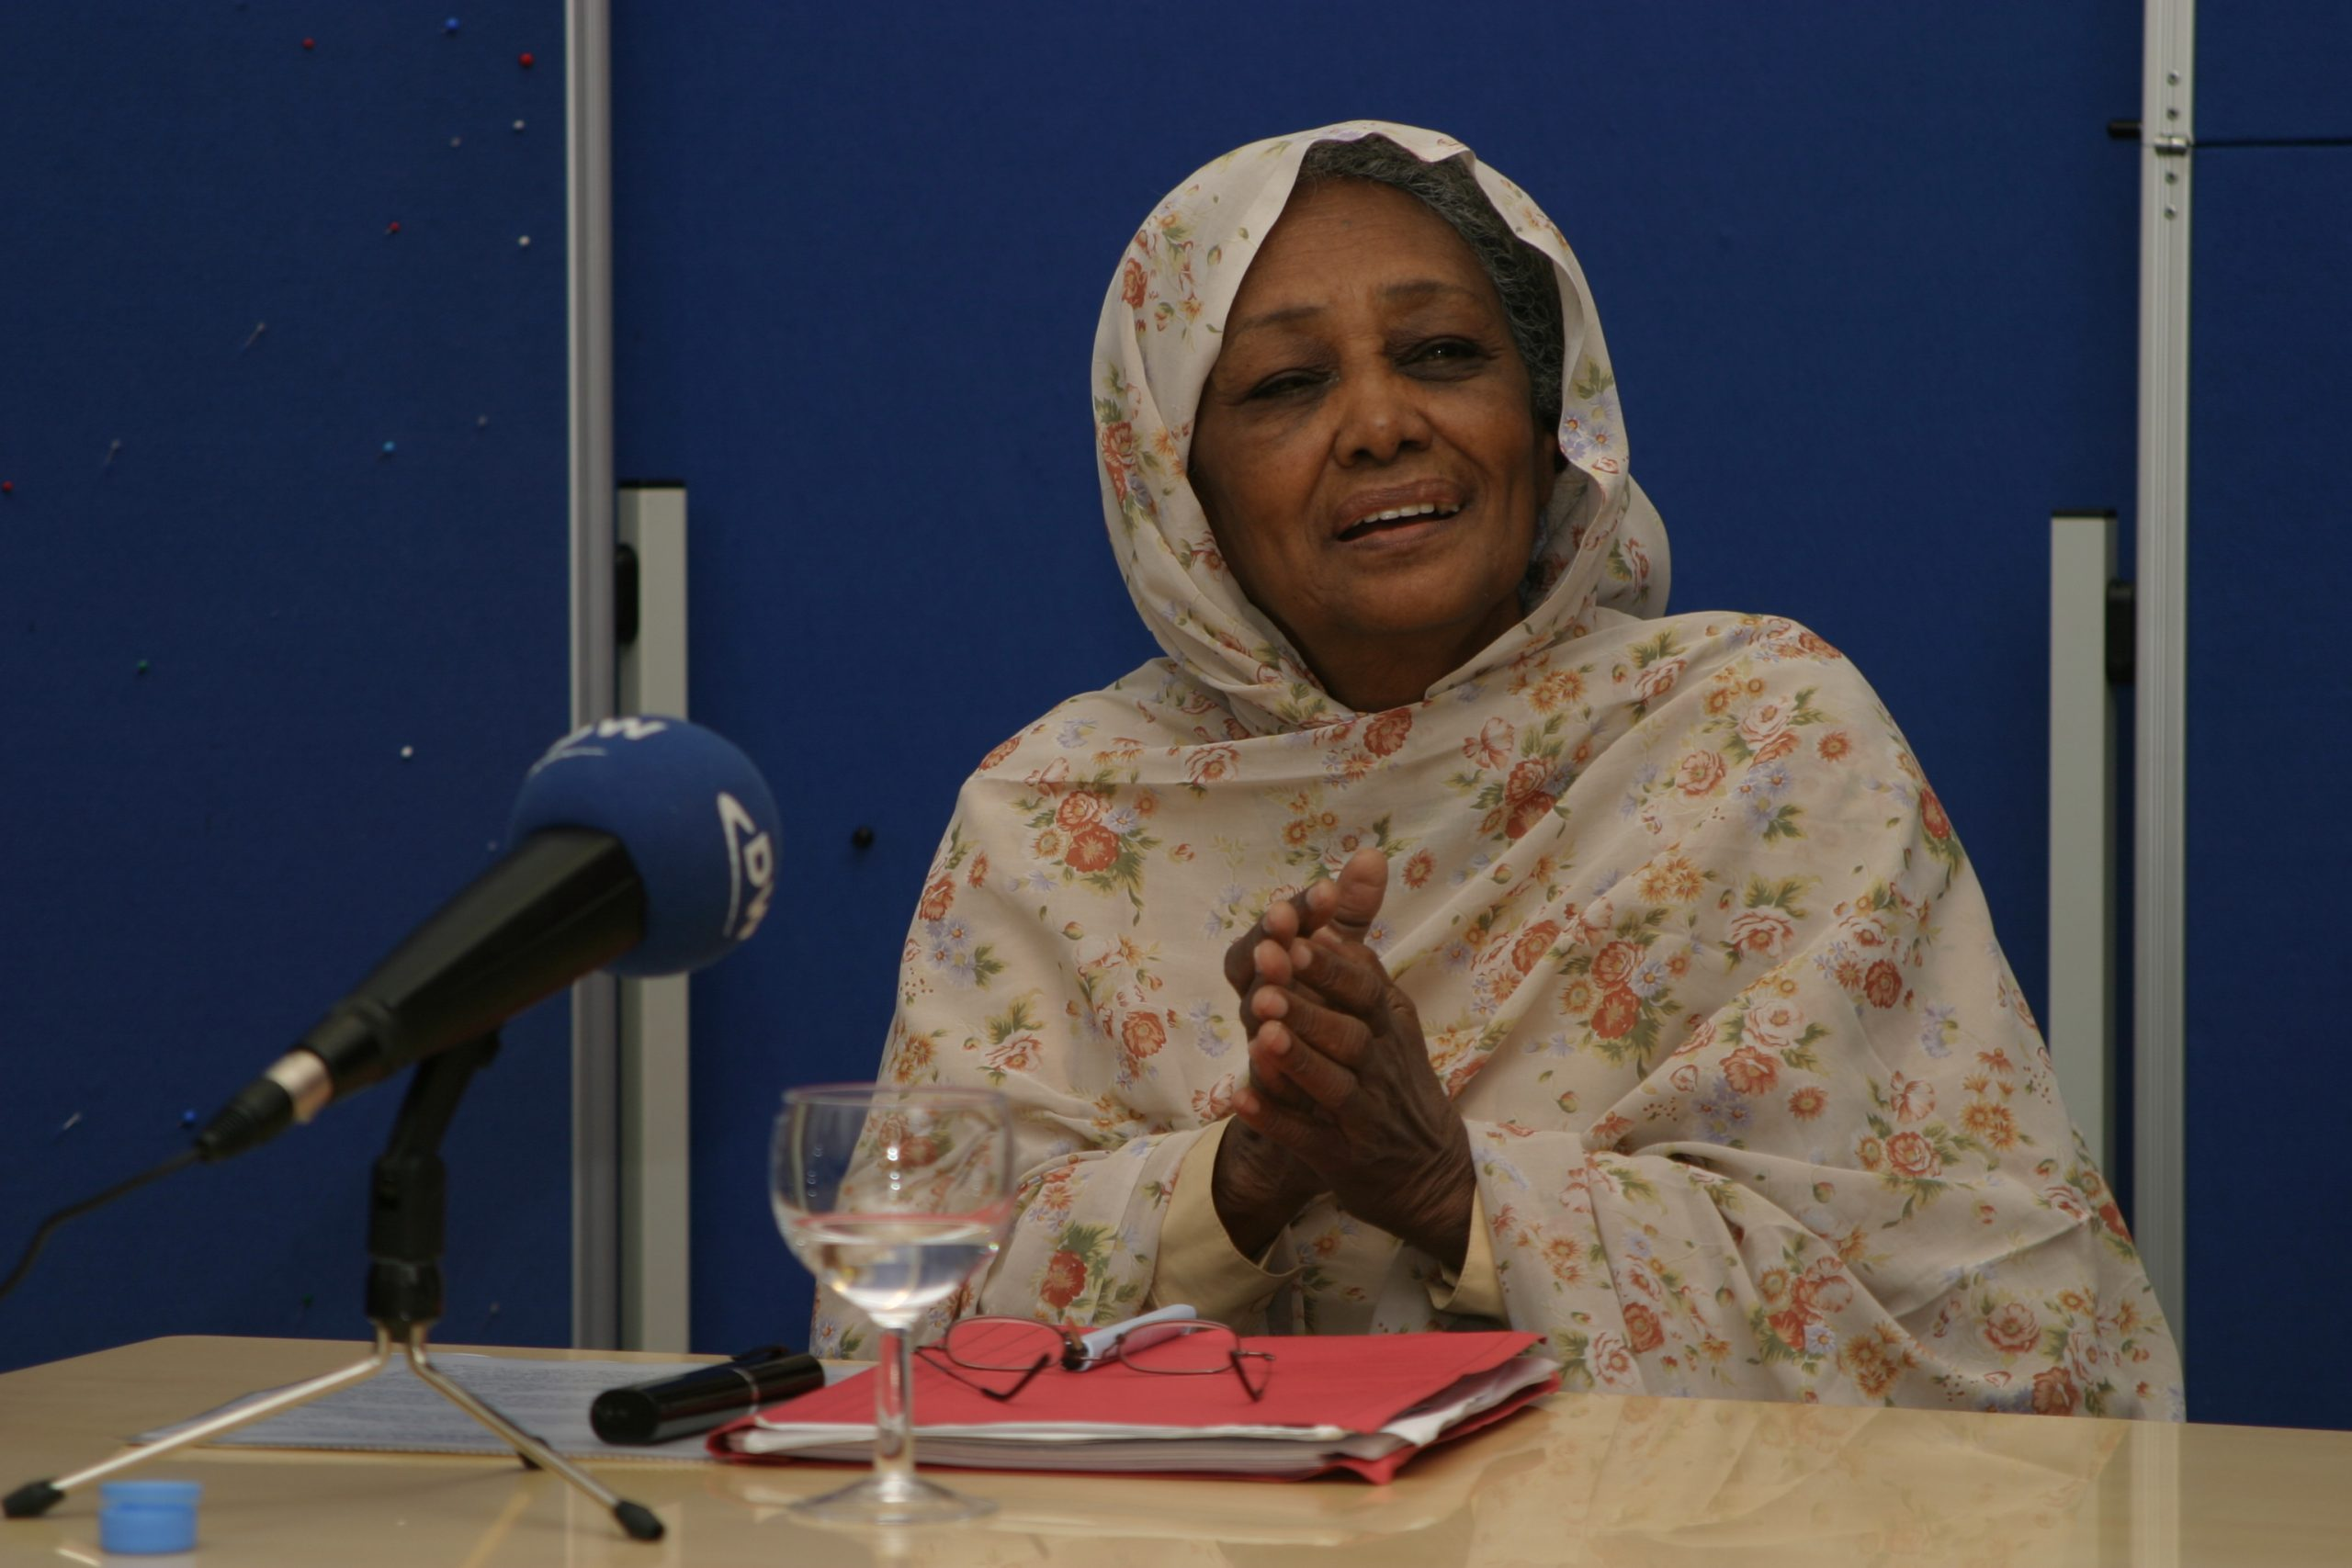 مؤسسة ابن رشد للفكر الحر في المانيا تنعى وفاة الناشطة السياسية والحقوقية السودانية البارزة السيدة فاطمة أحمد إبراهيم